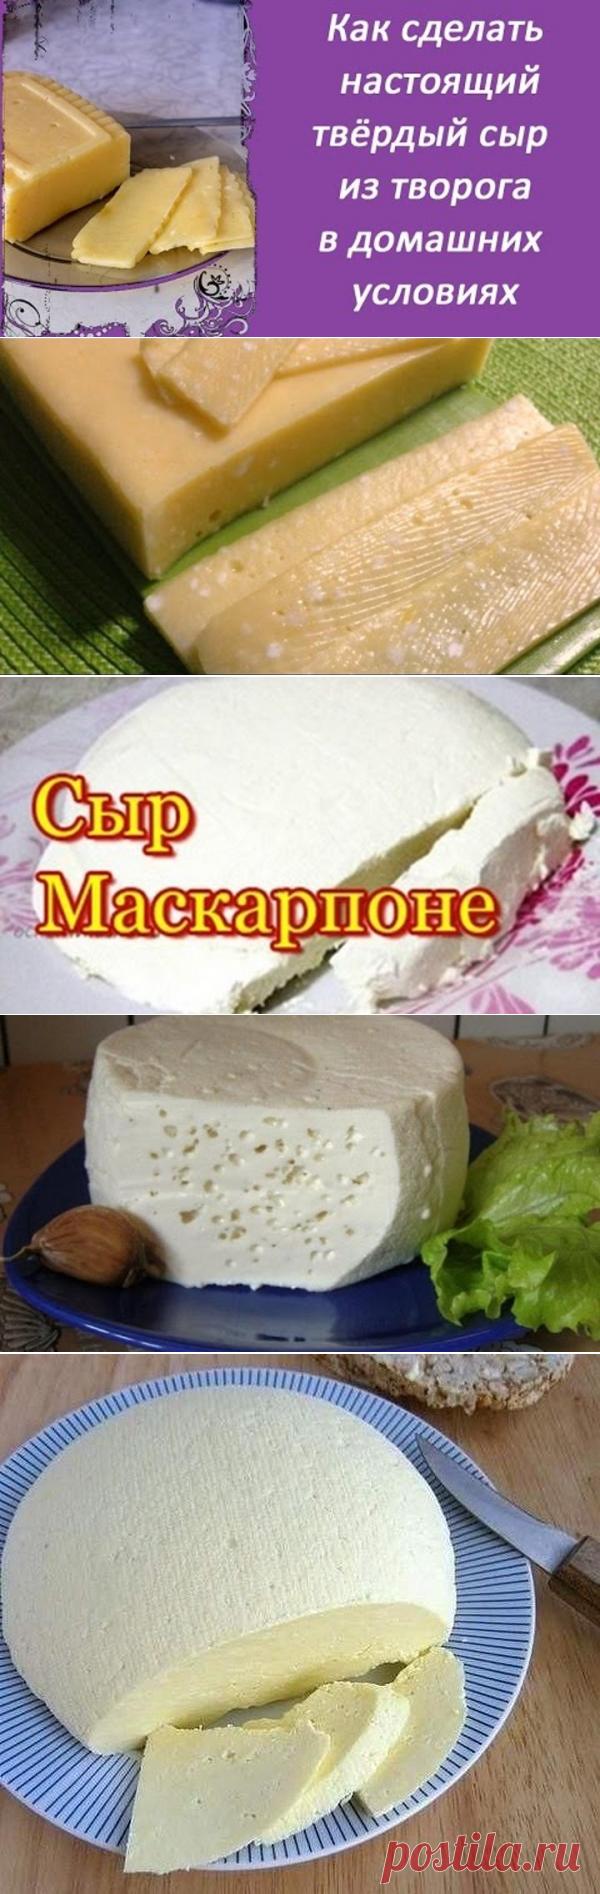 Сделать сыр в домашних условиях из молока козьего